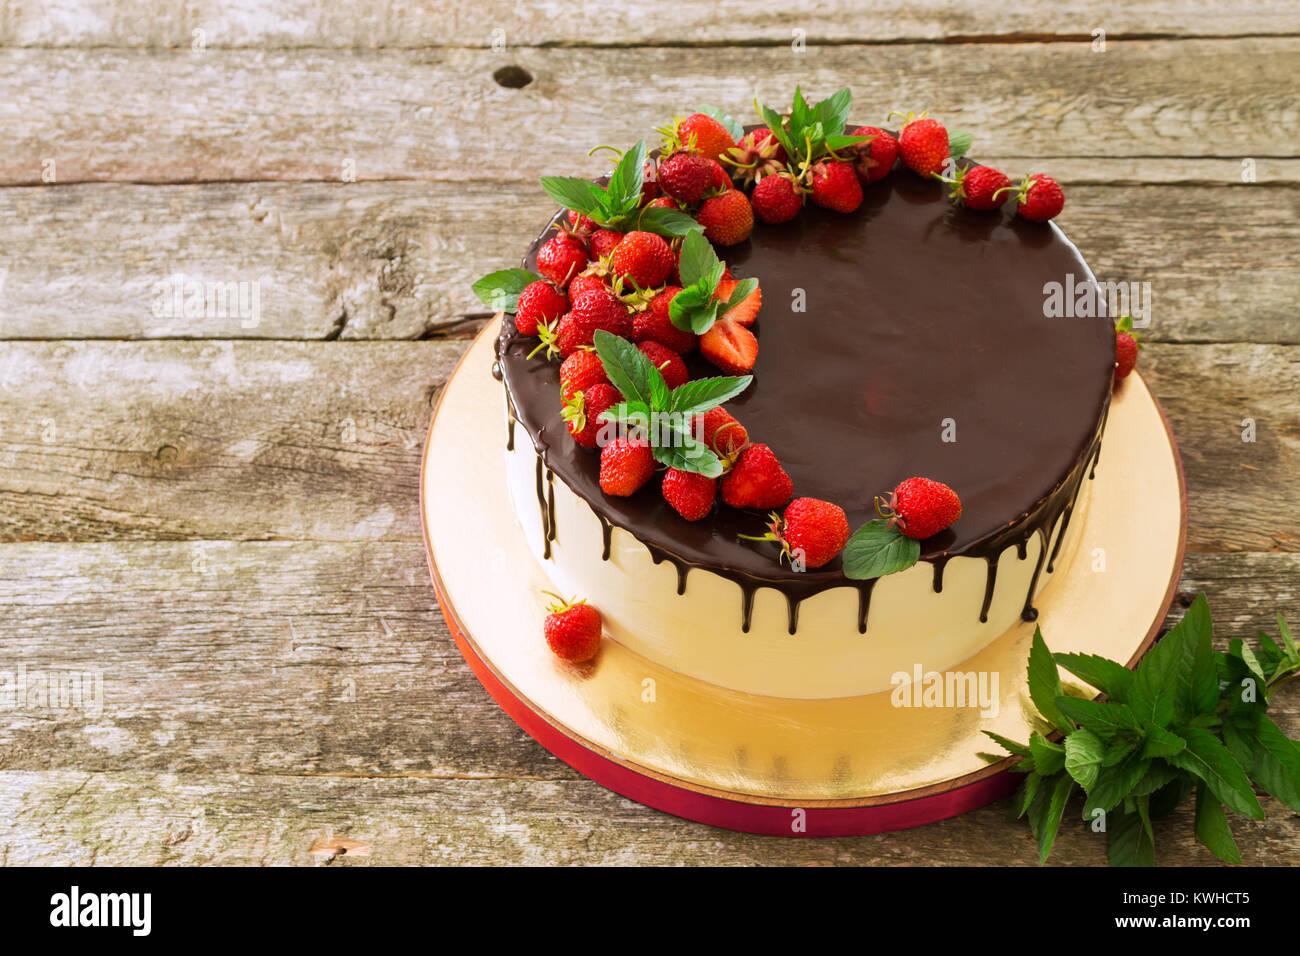 Belle ambiance festive et recouverte de chocolat fondu avec des fraises et de feuilles de menthe Photo Stock